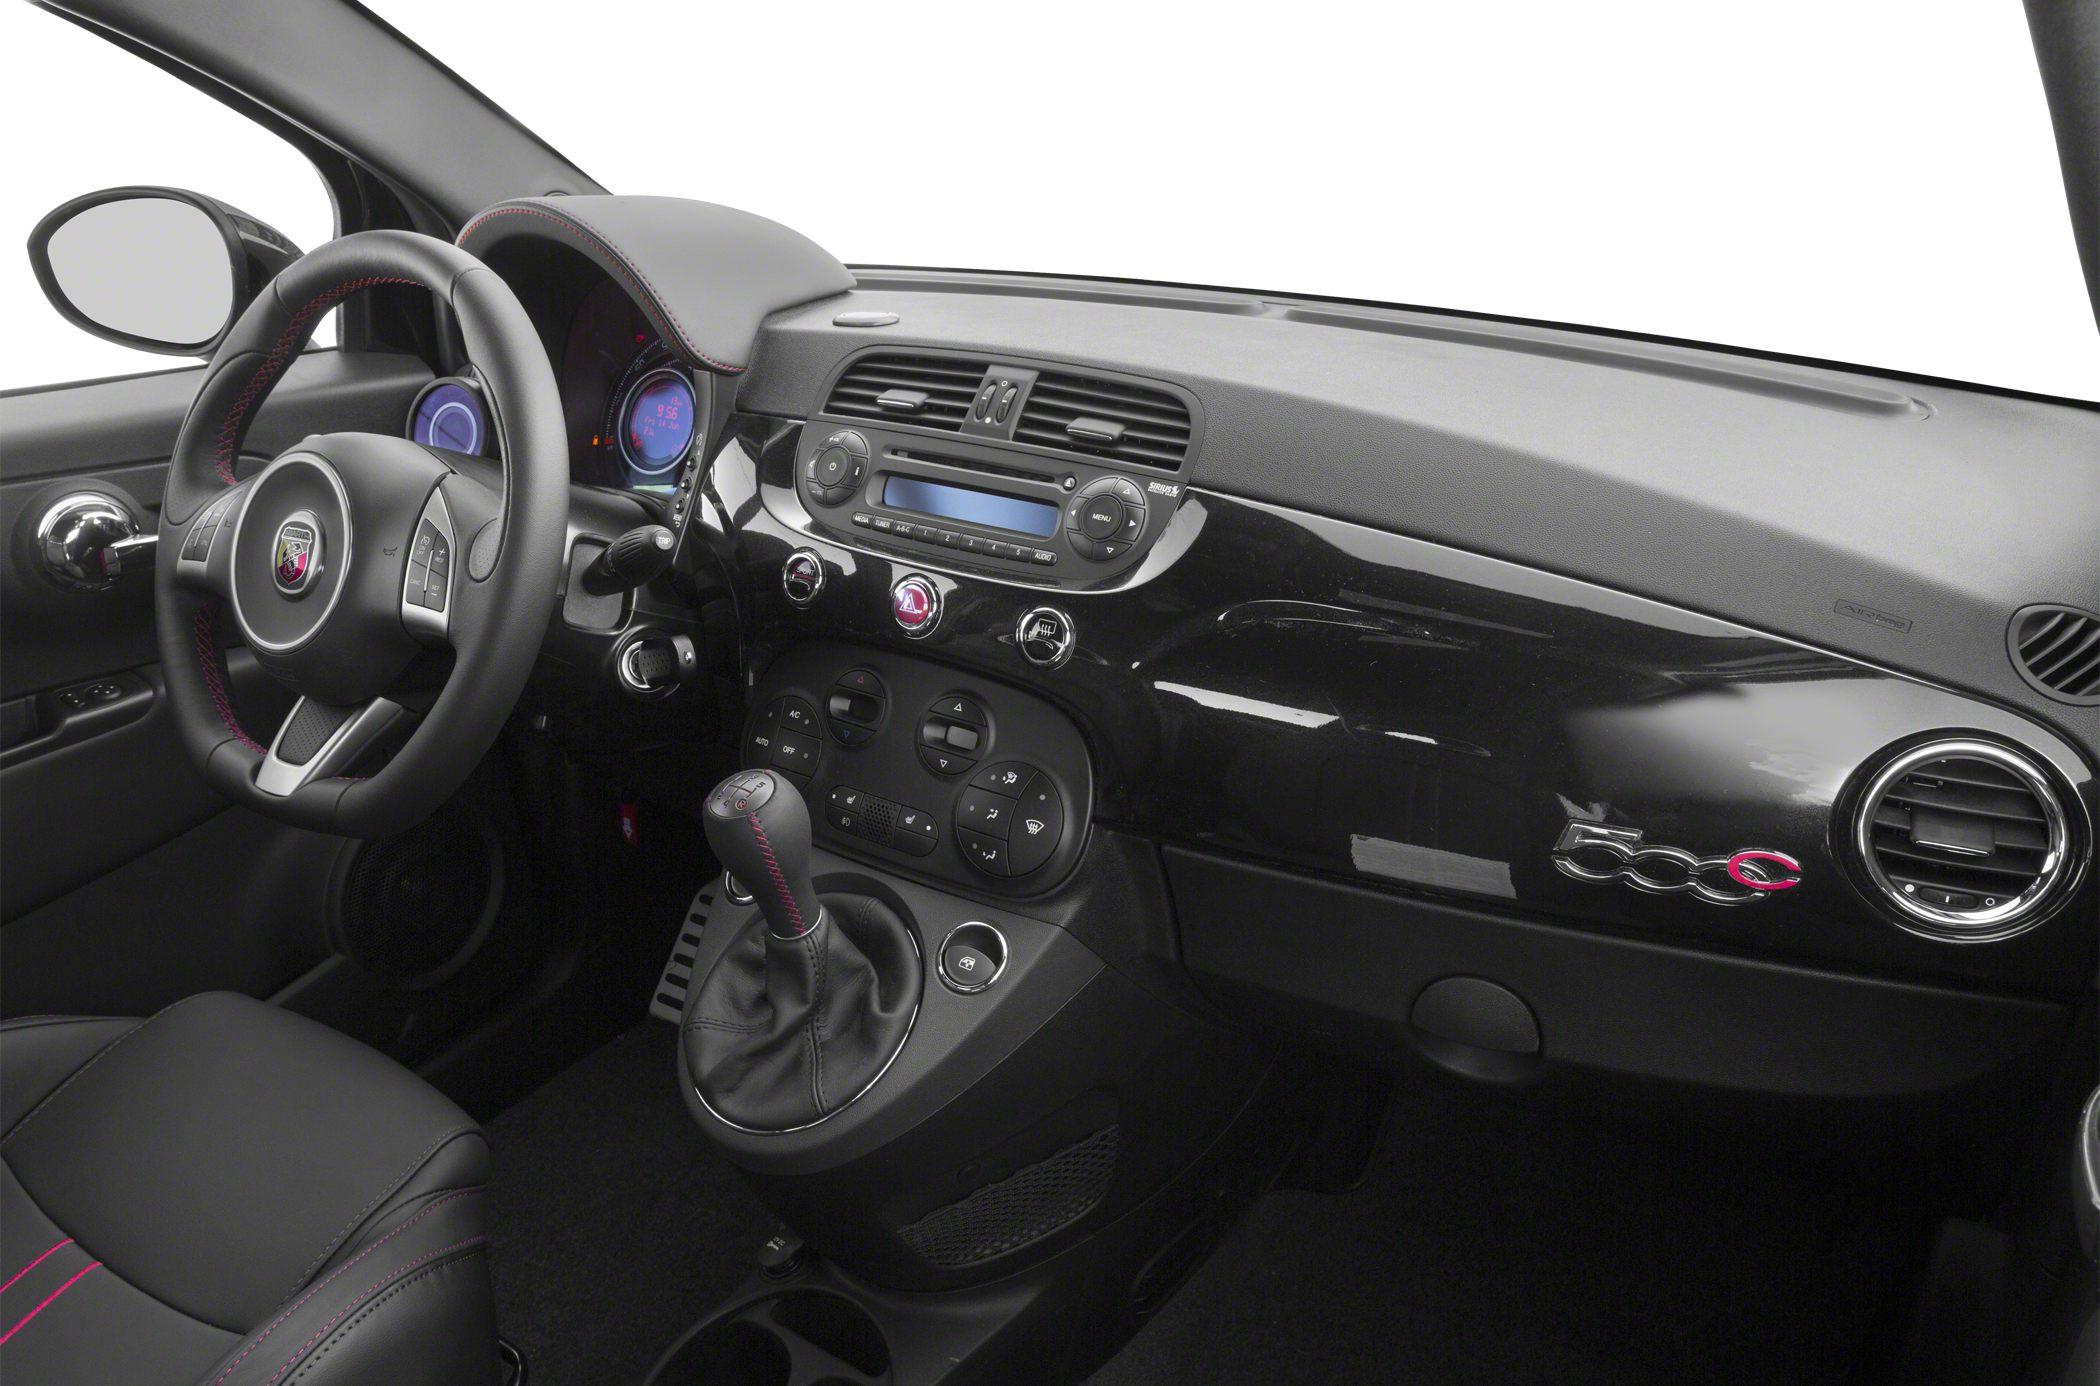 2015 Fiat 500c Interior